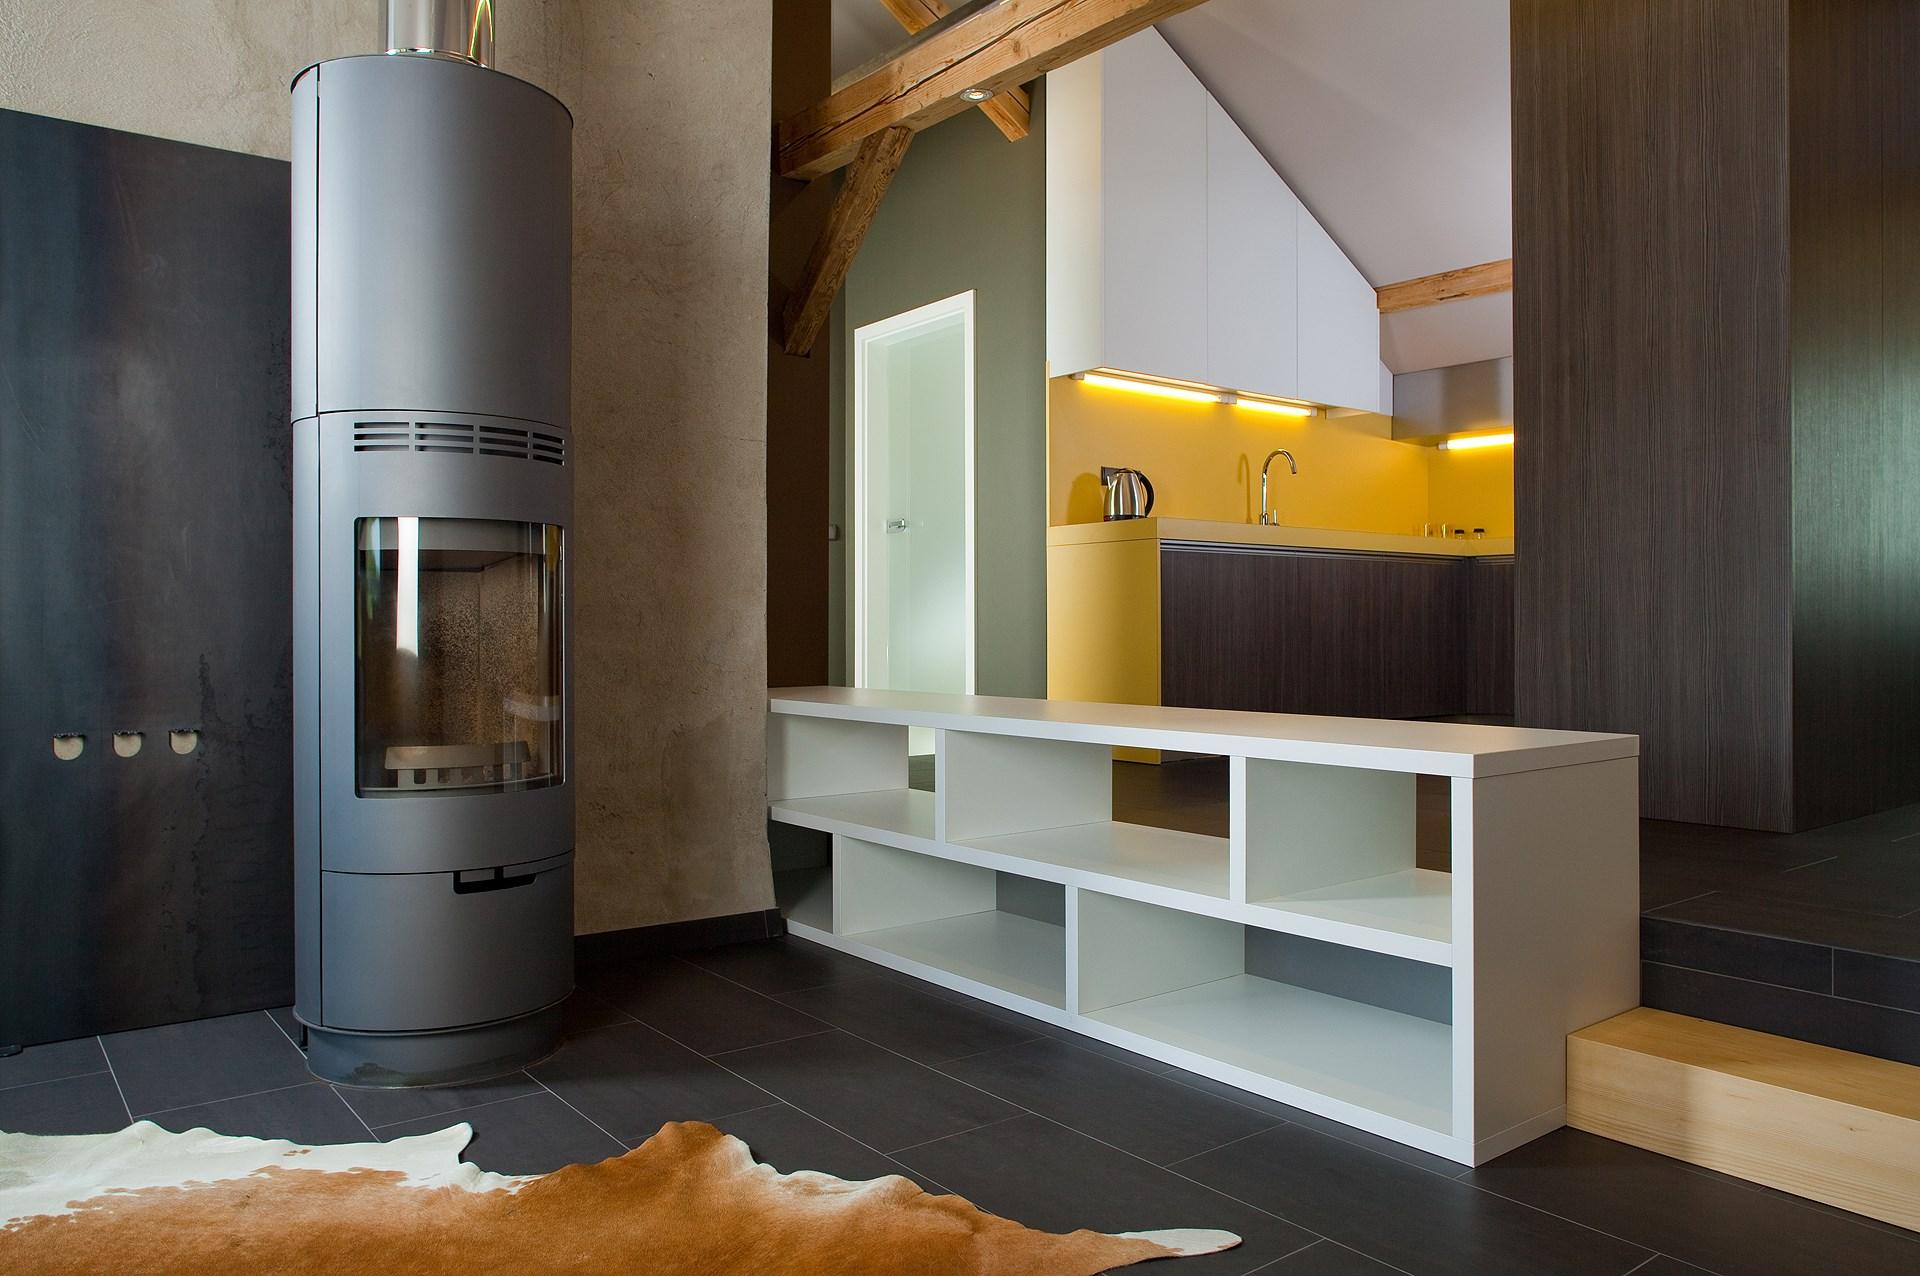 Otwarta kuchnia w bieli hola design homesquare - Otwarta Kuchnia W Bieli Hola Design Homesquare 20